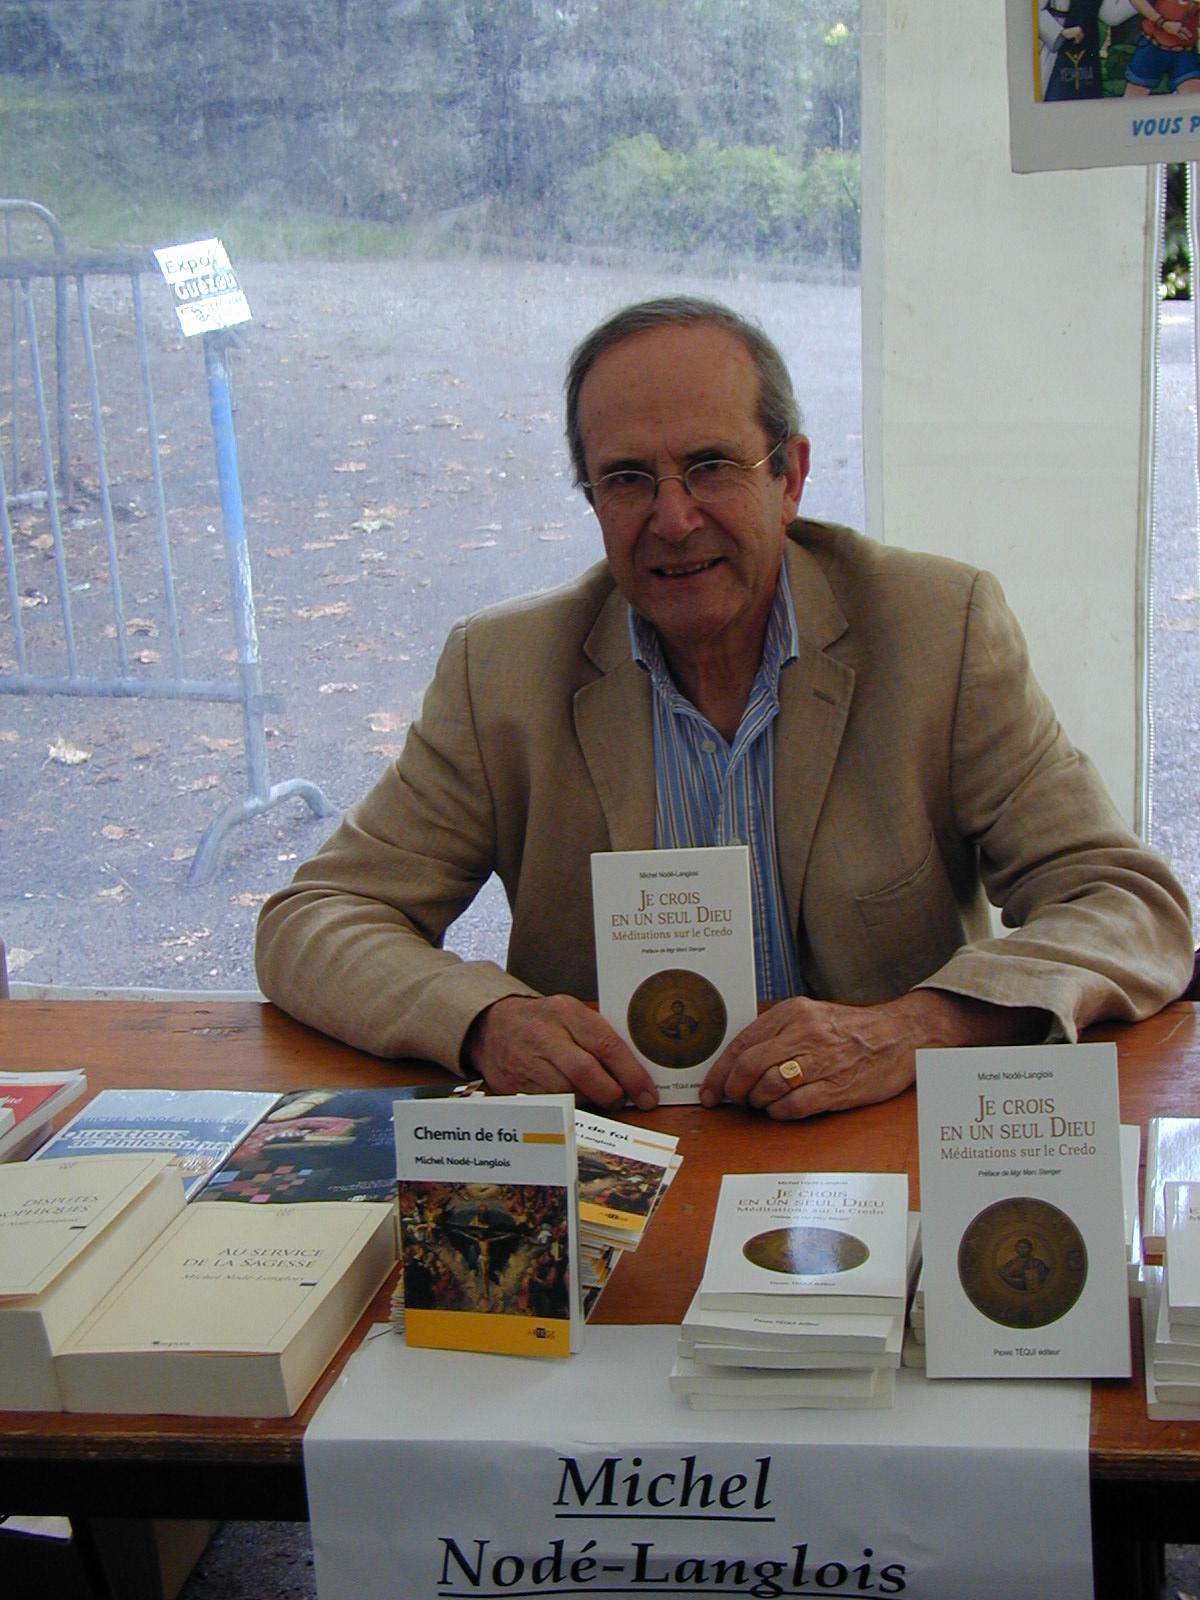 Michel Nodé-Langlois